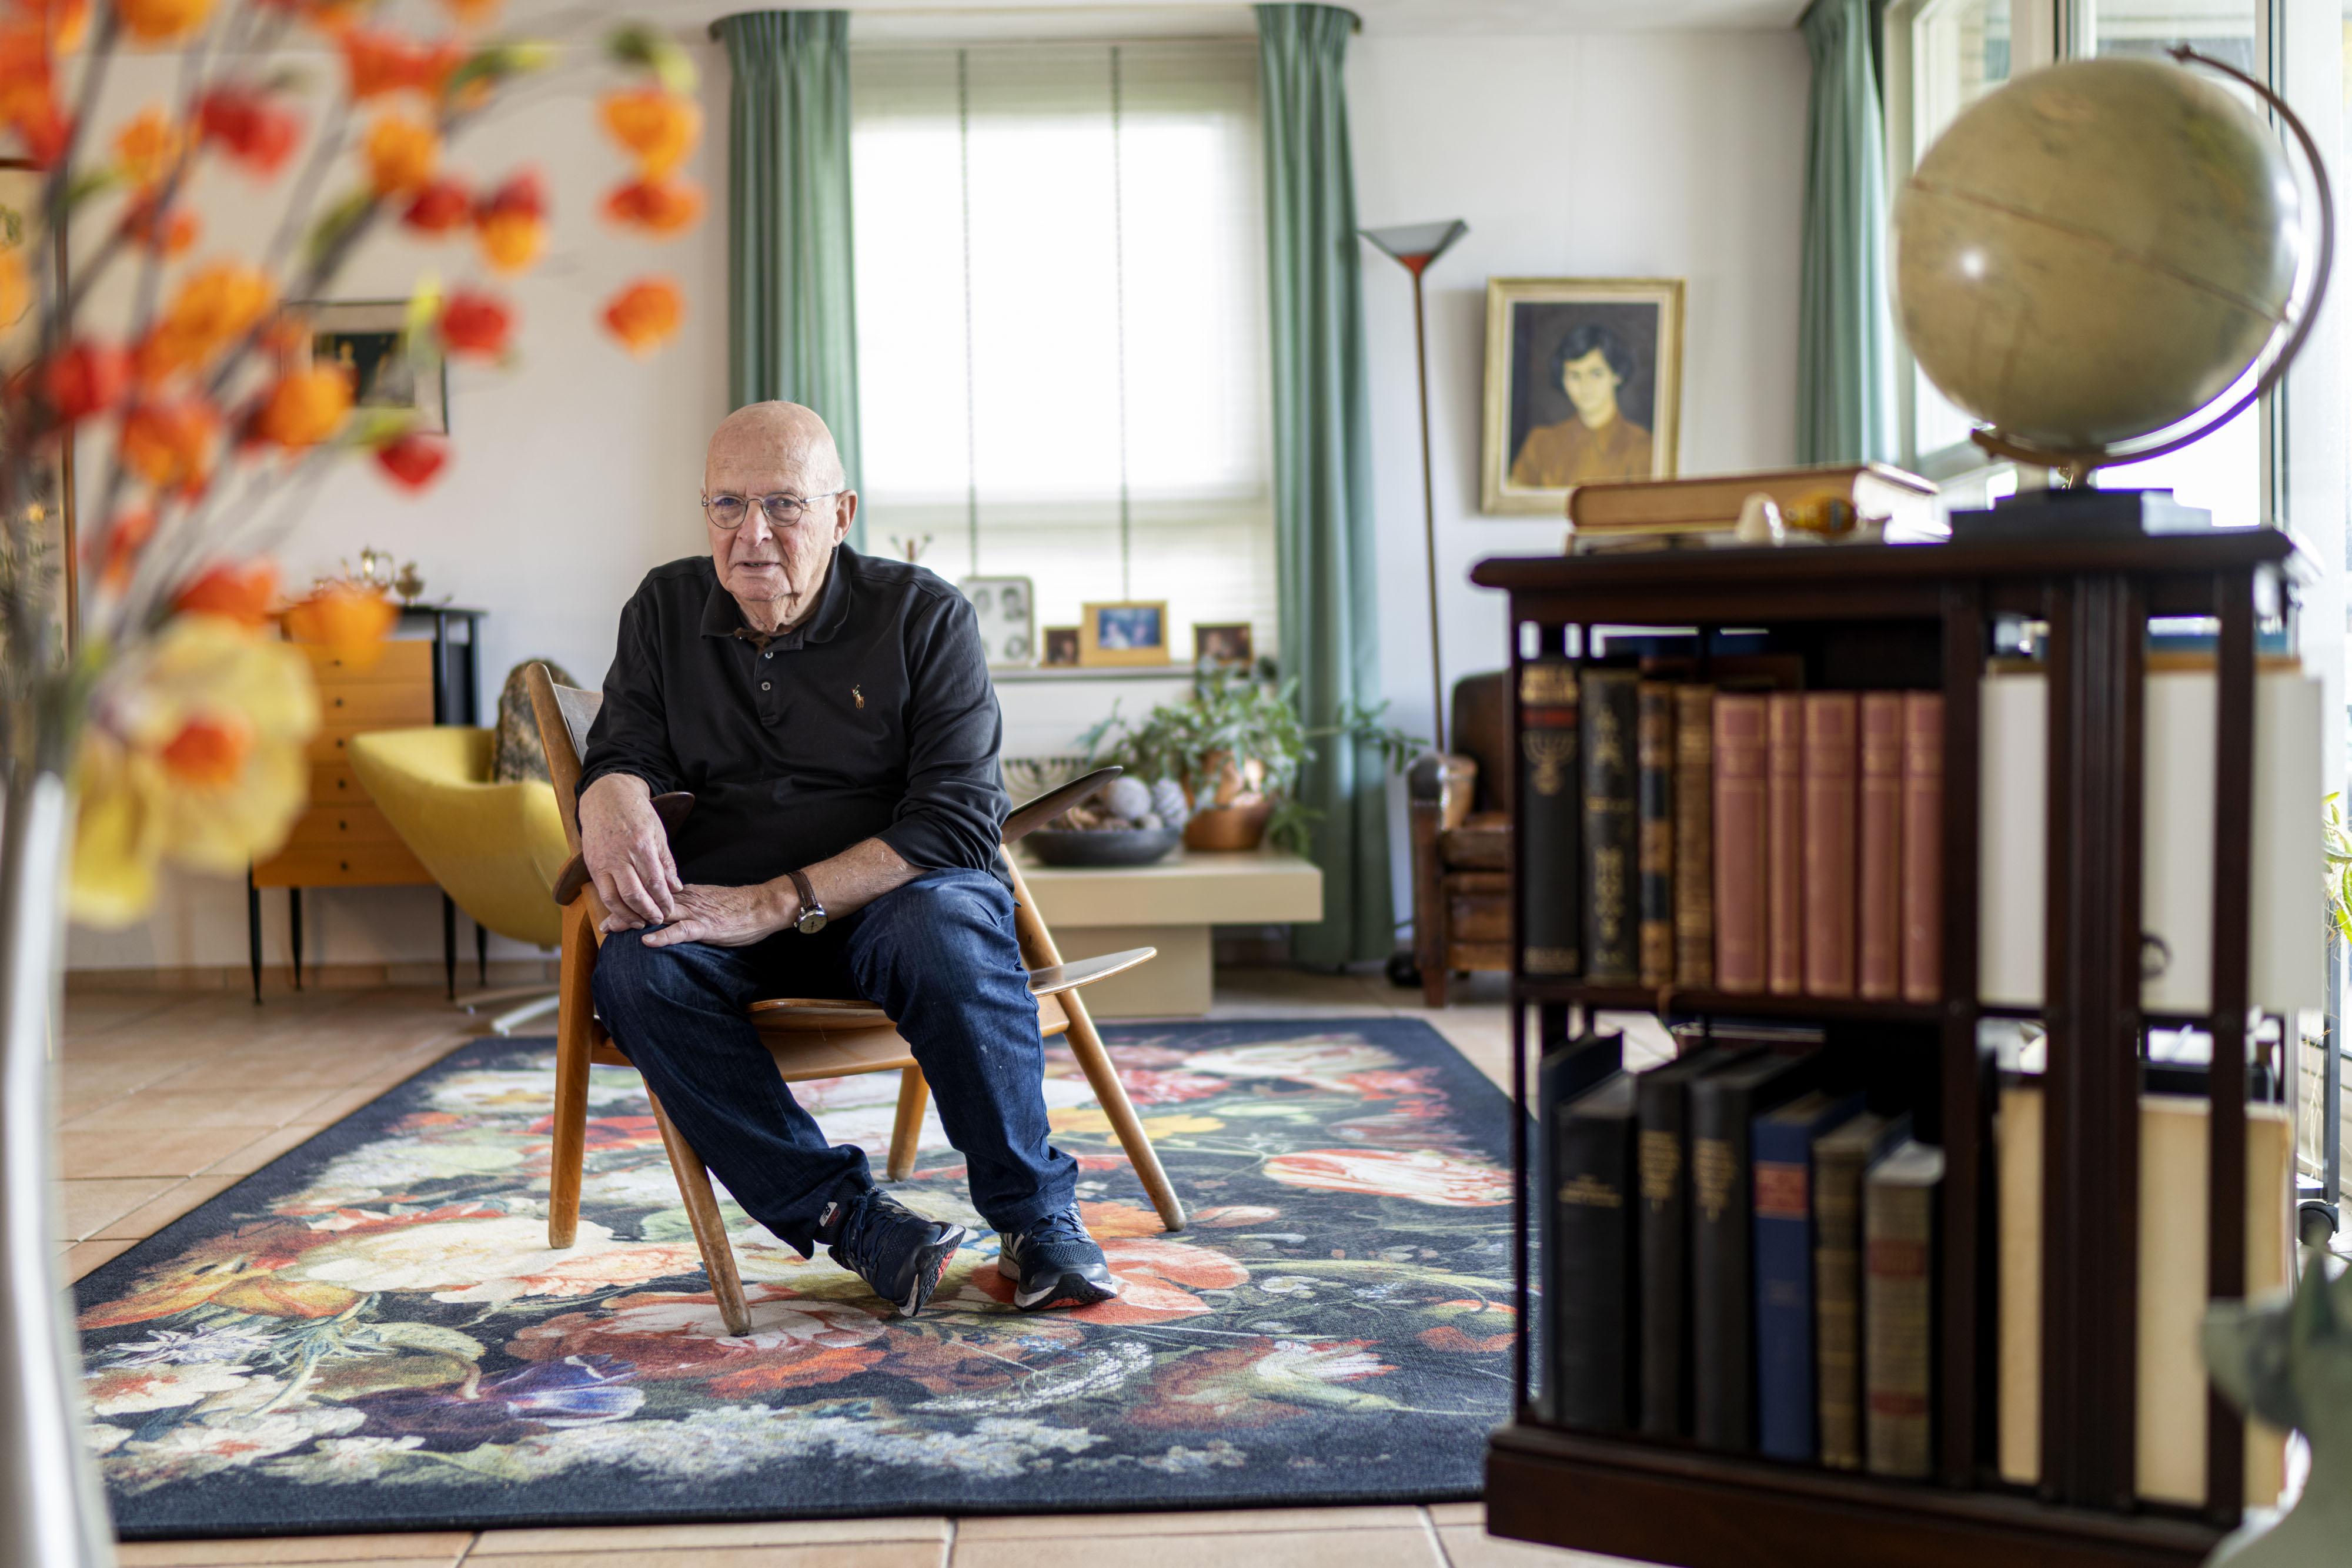 Leidenaar Daan de Jong overleefde als twaalfjarige concentratiekamp Theresienstadt: 'Ik ben vier jaar doodsbang geweest'